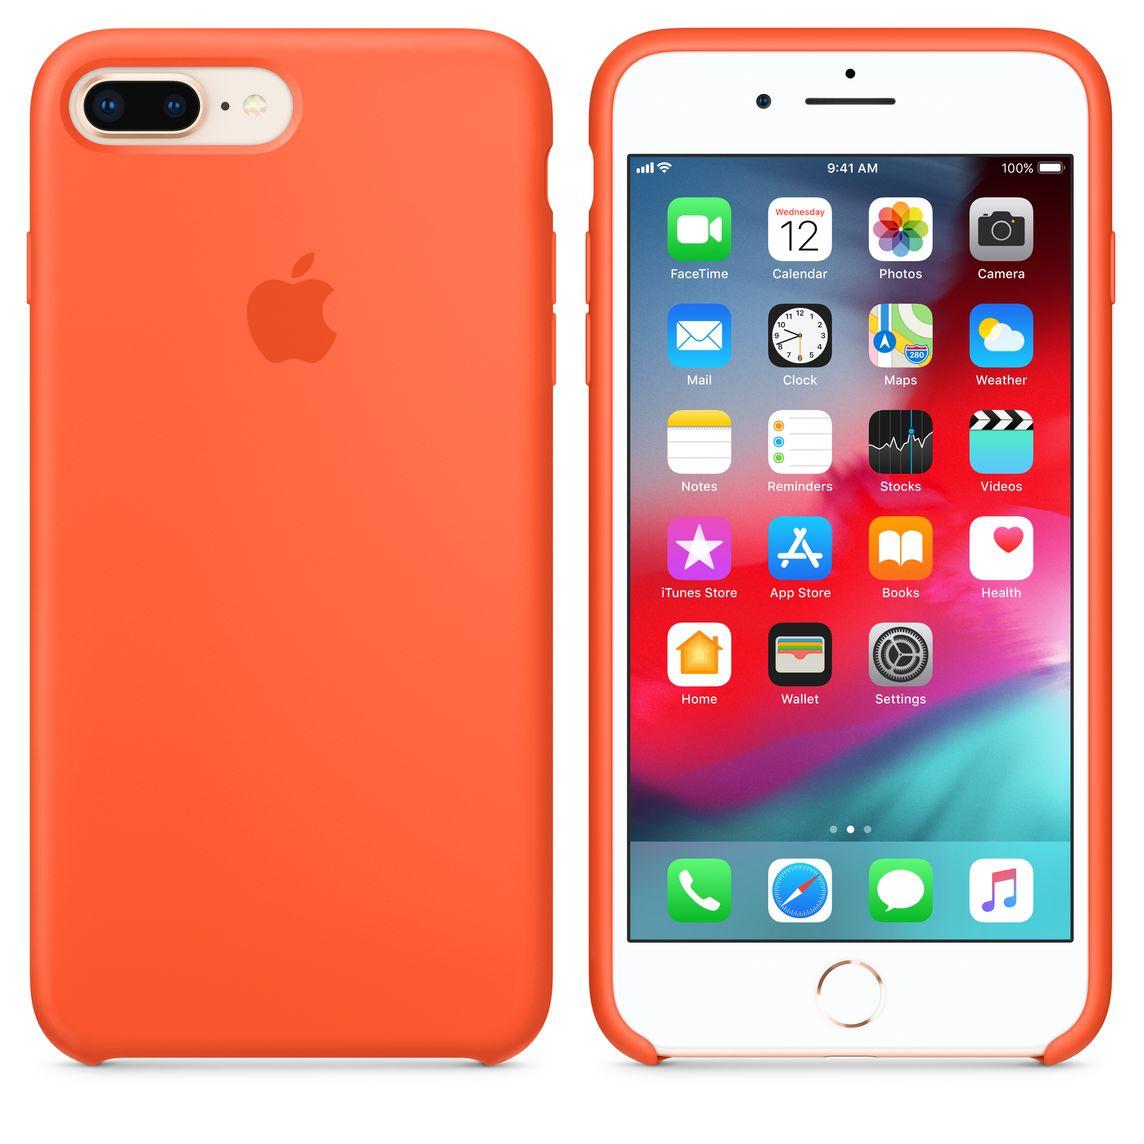 promo code 985eb a2a7c iPhone 8 Plus / 7 Plus Silicone Case - Spicy Orange